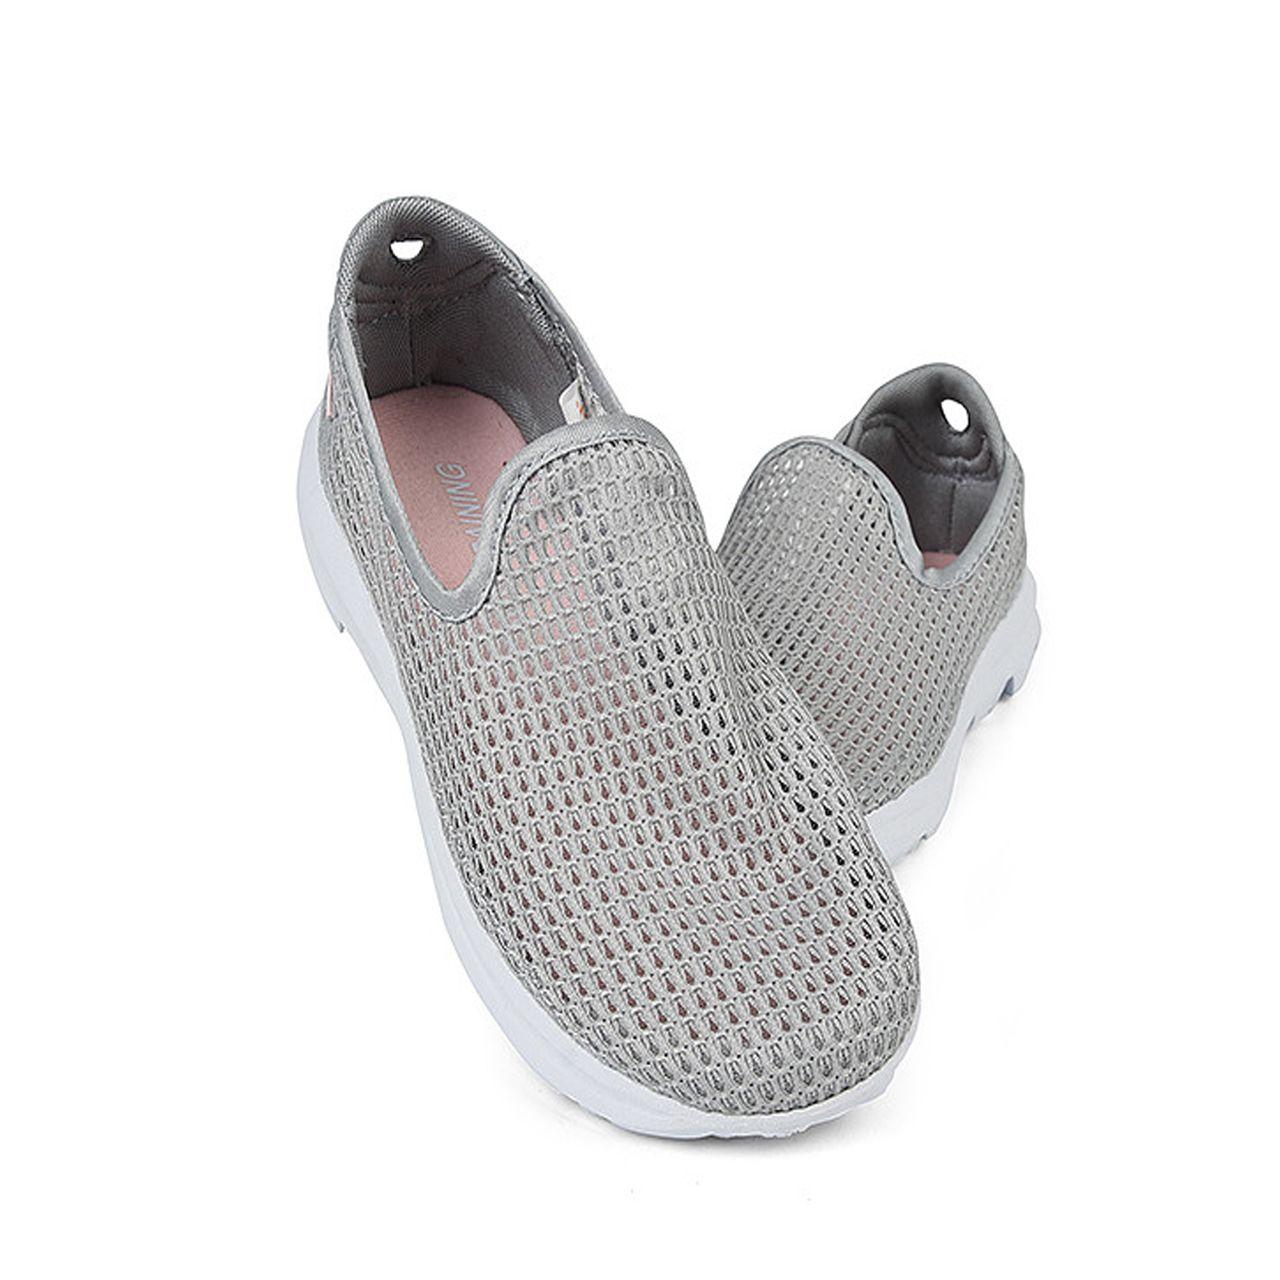 کفش مخصوص پیاده روی زنانه 361 درجه کد 581824421 -  - 8